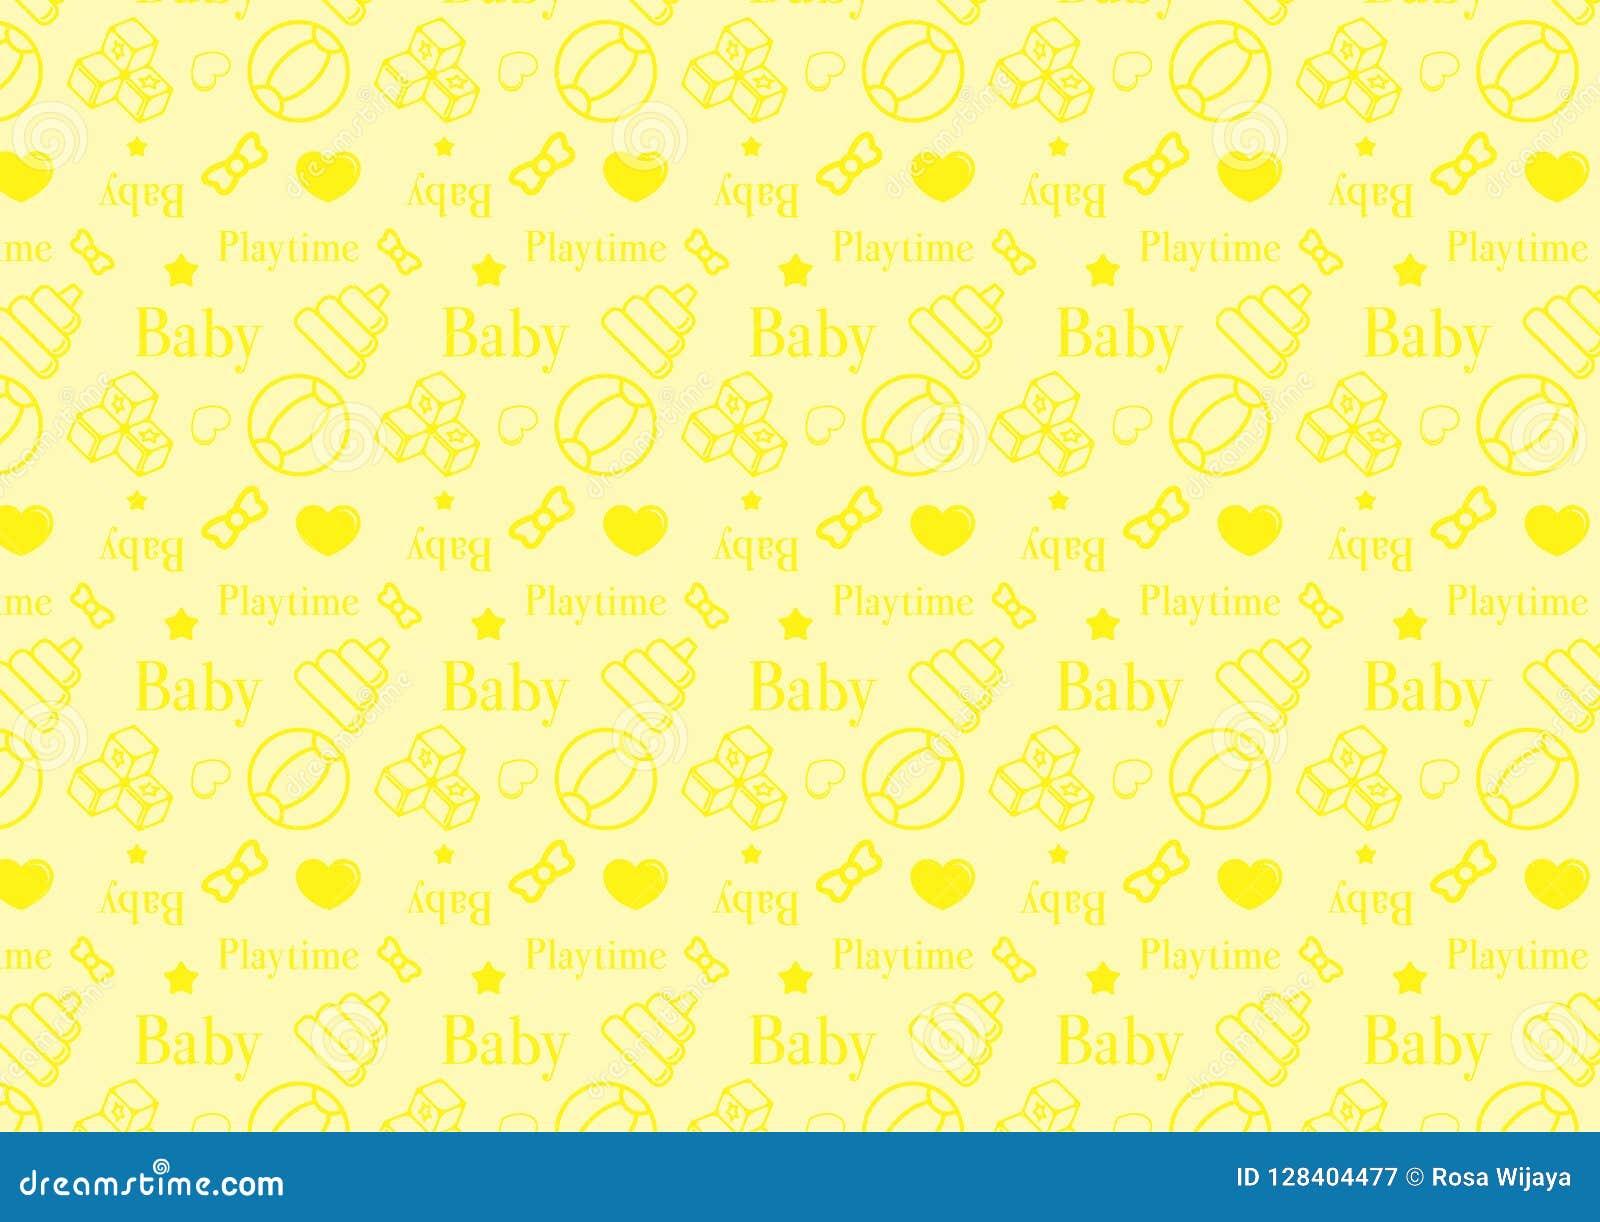 Άνευ ραφής σχέδιο στο εικονίδιο ύφους γραμμών με διάνυσμα θέματος παιχνιδιών μωρών το editable resizable πλήρως στο μαλακό κίτριν